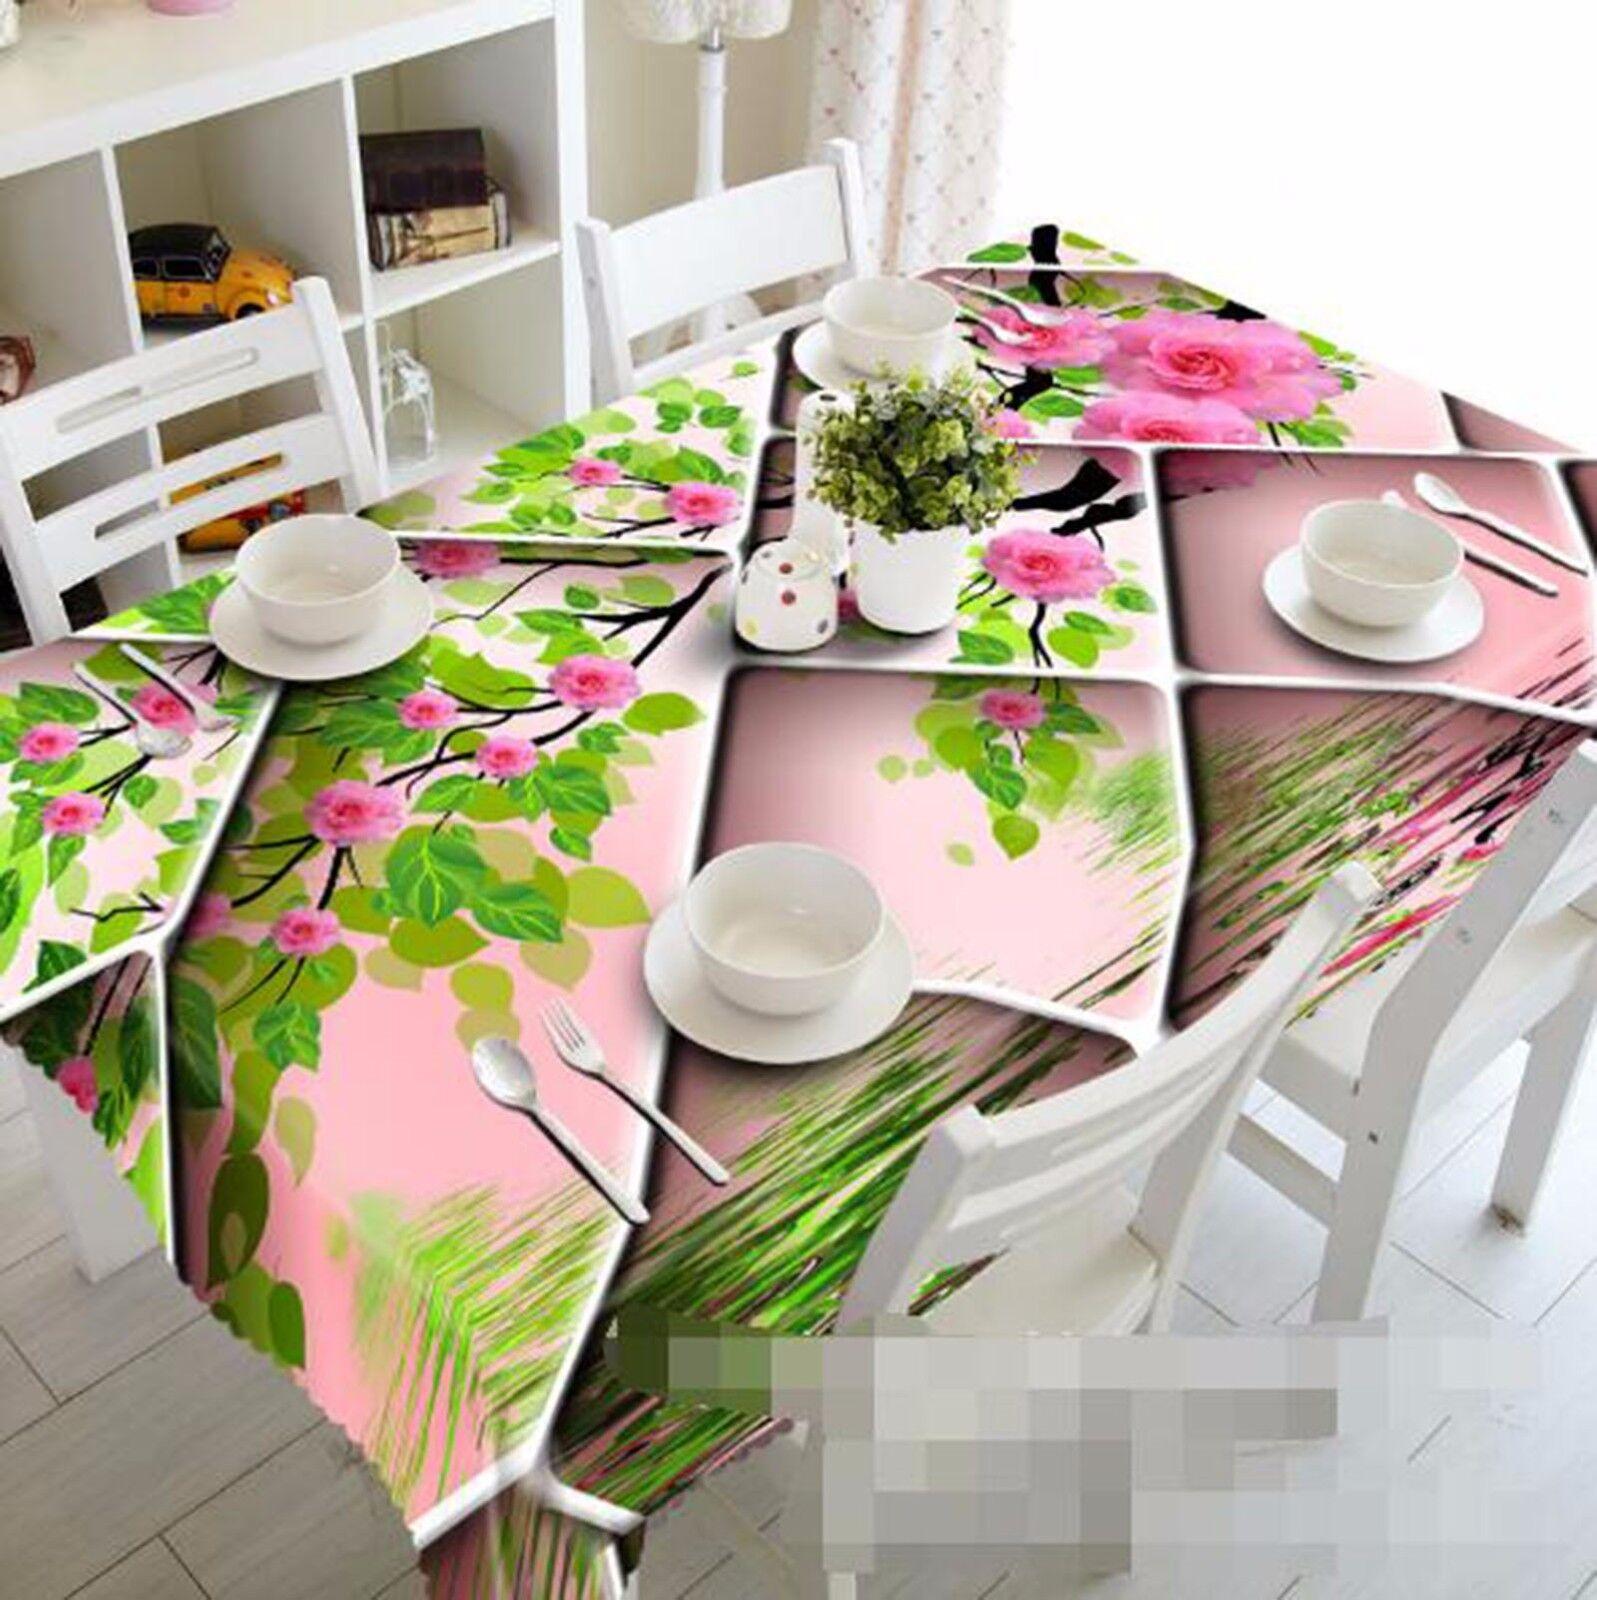 3D Vignes 421 Nappe Table Cover Cloth fête d'anniversaire AJ papier peint Royaume-Uni Citron